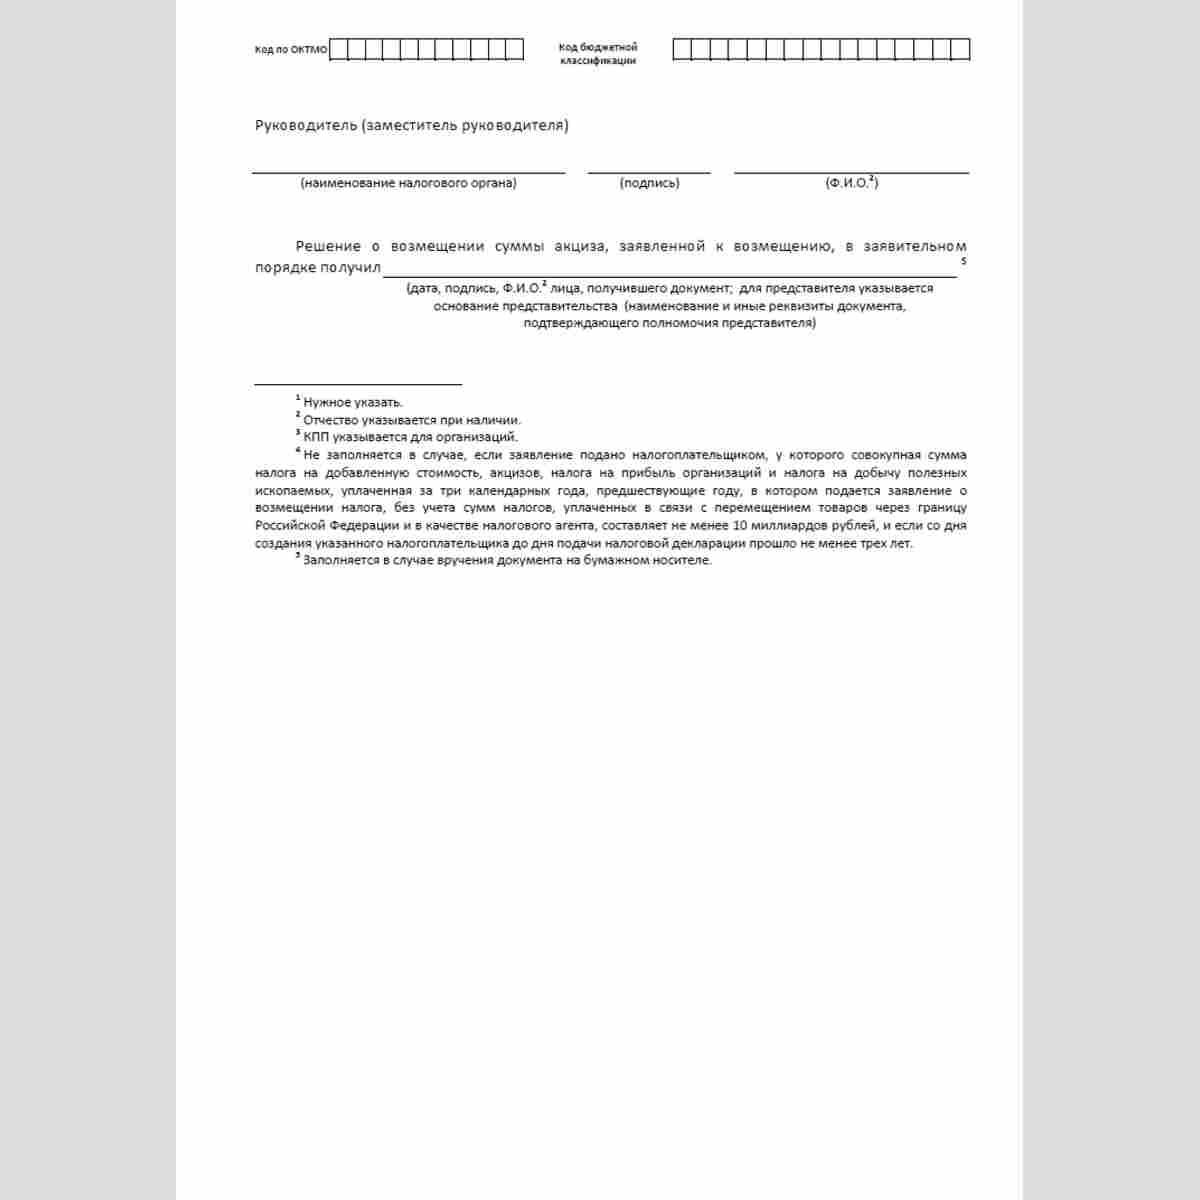 """Форма КНД 1160250 """"Решение о возмещении суммы акциза, заявленной к возмещению, в заявительном порядке"""". Стр. 2"""